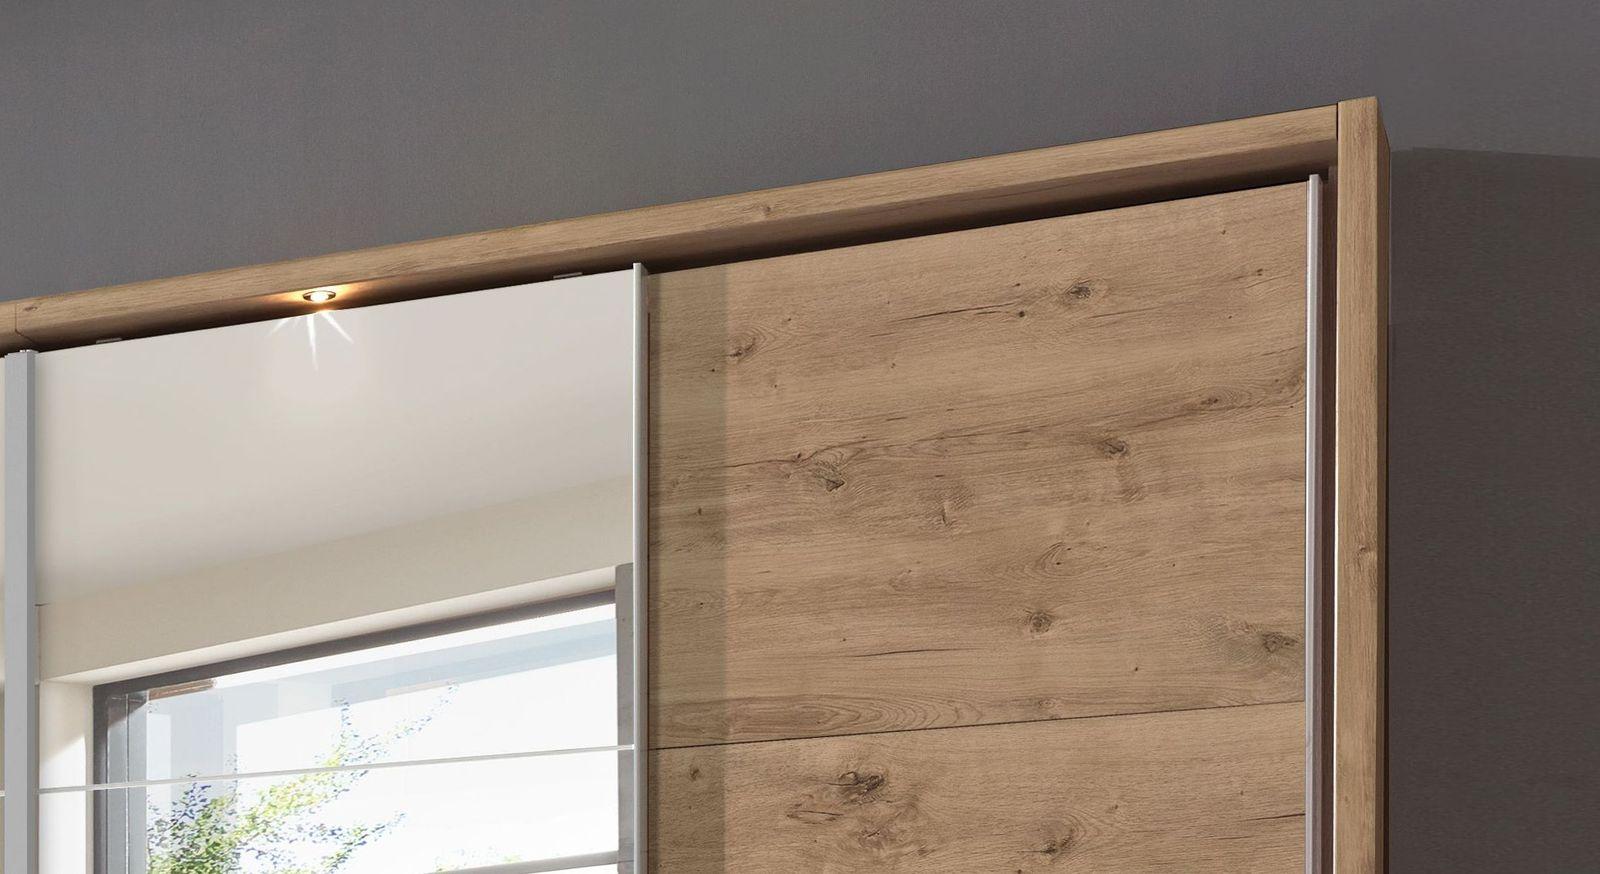 Schwebetüren-Kleiderschrank Rovito optional mit Beleuchtung und Umrahmung